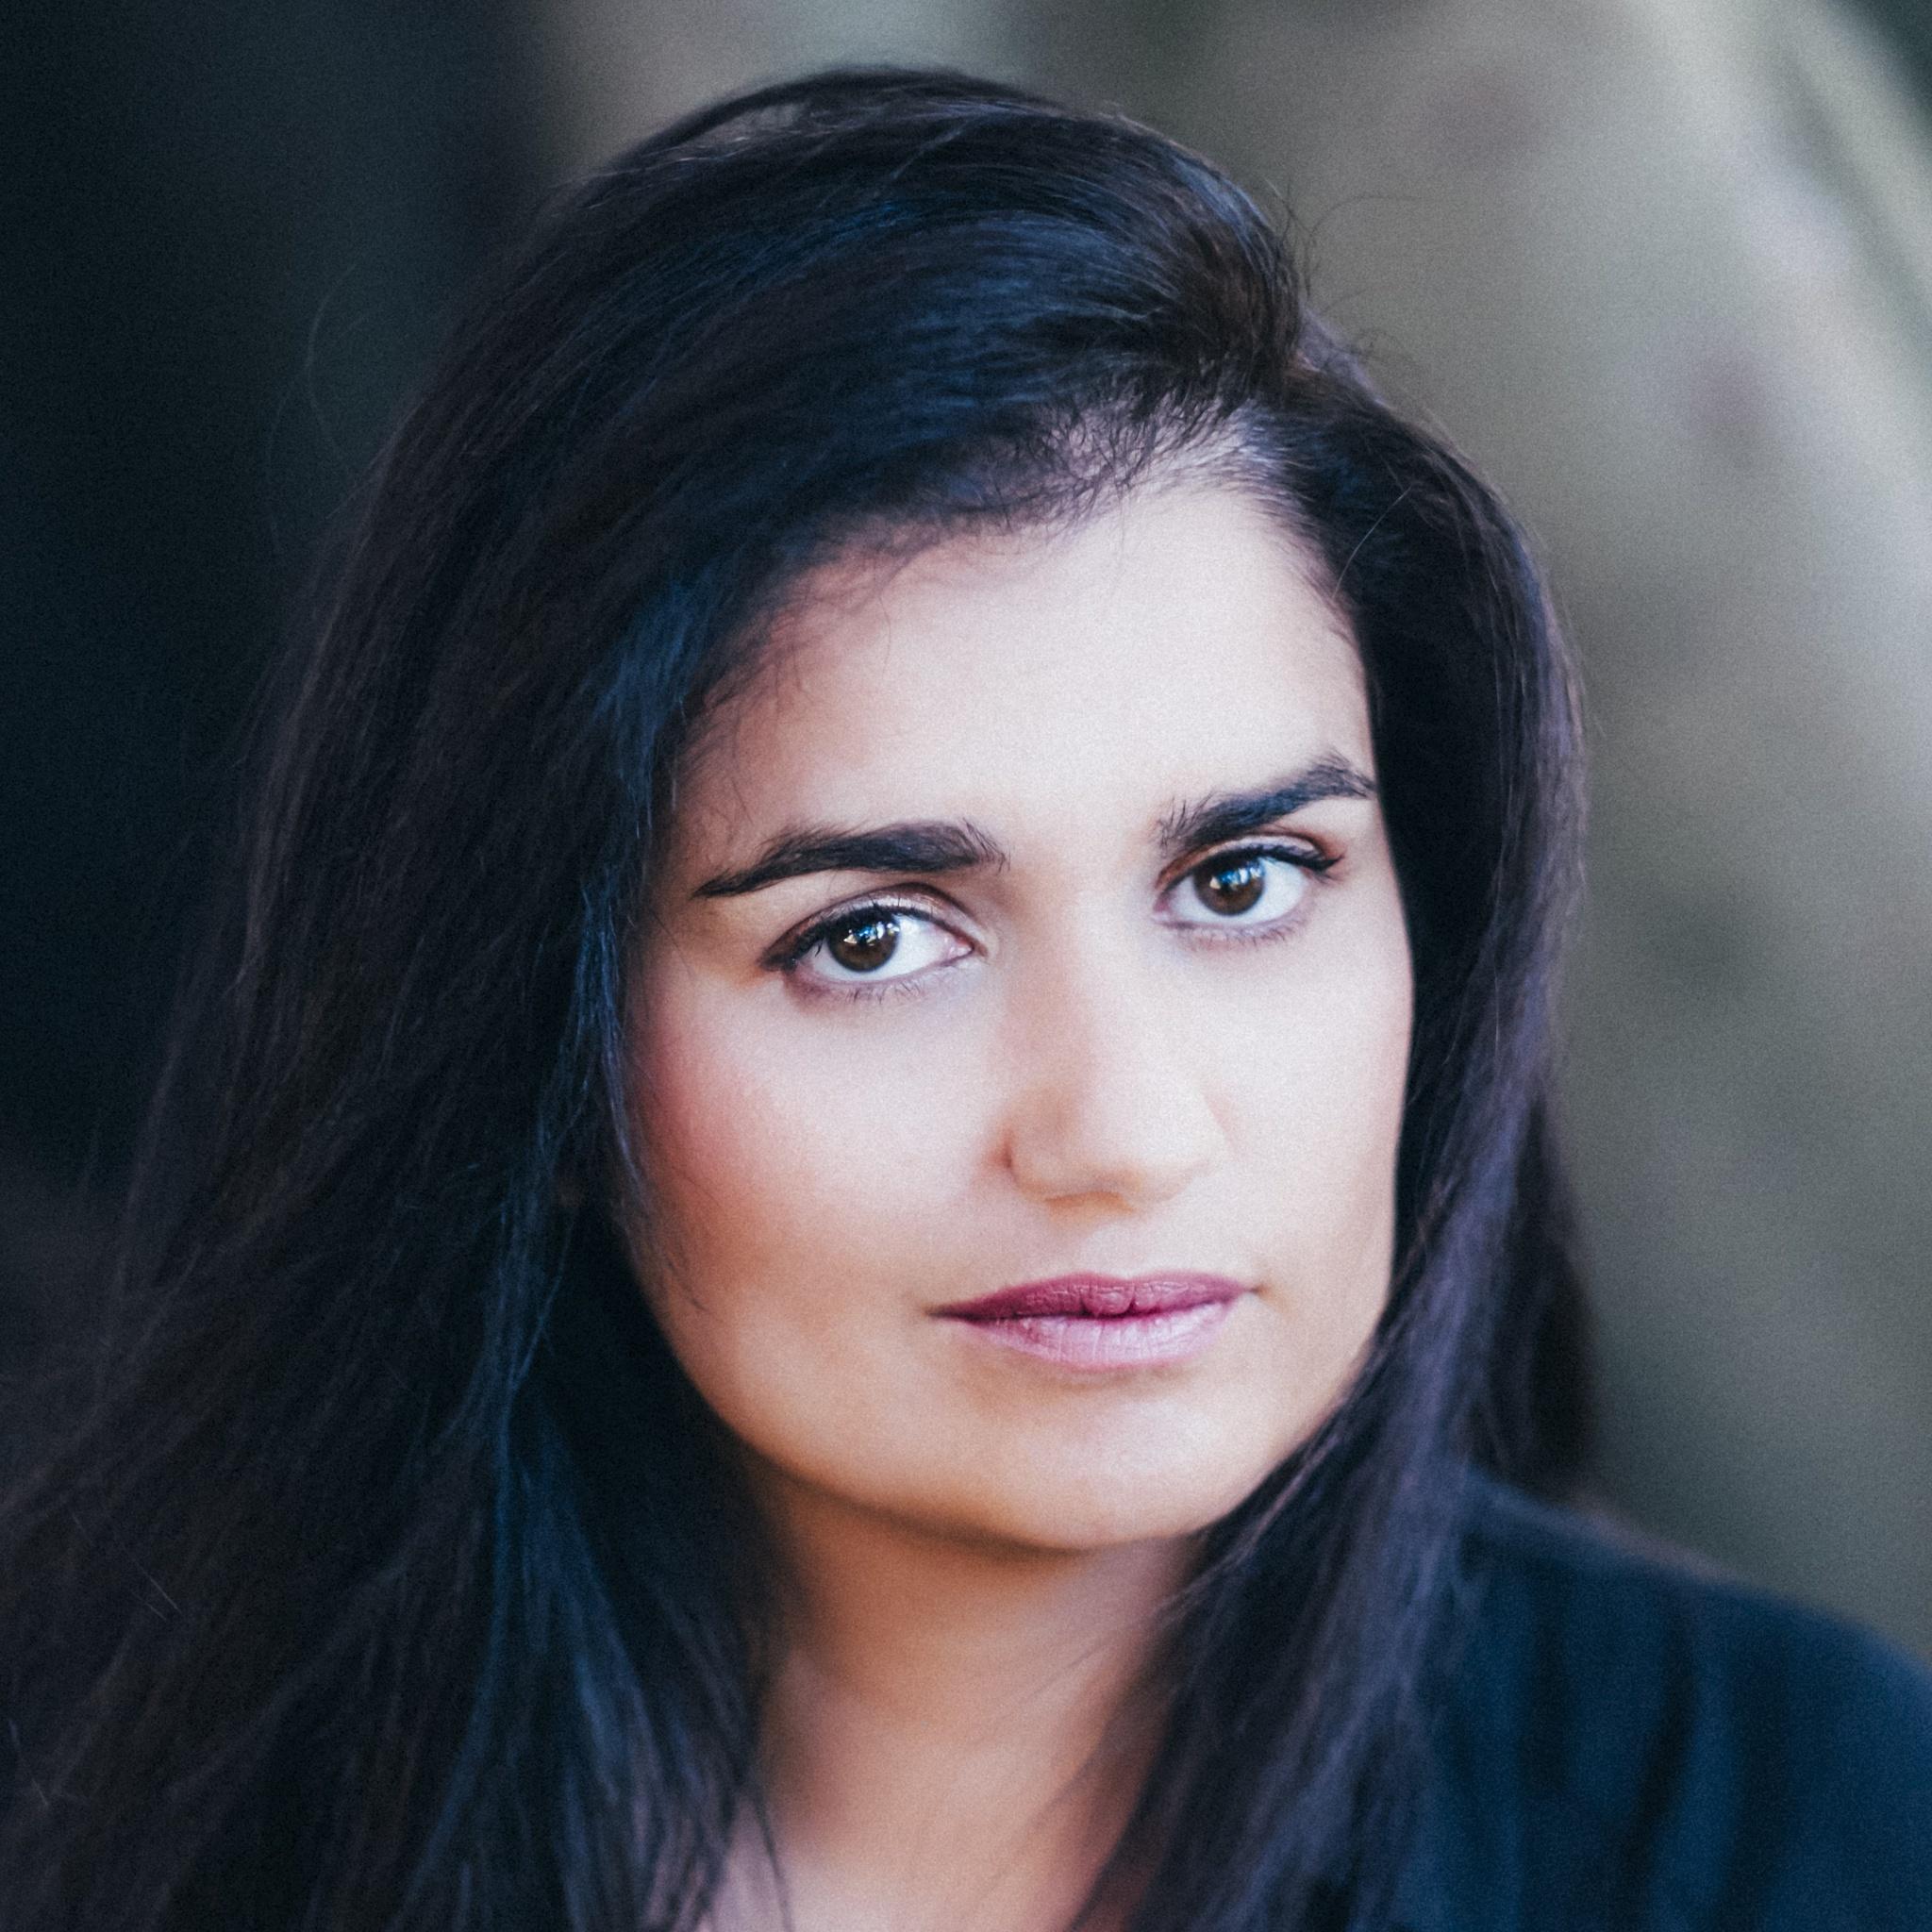 Ana Cristina Cachola